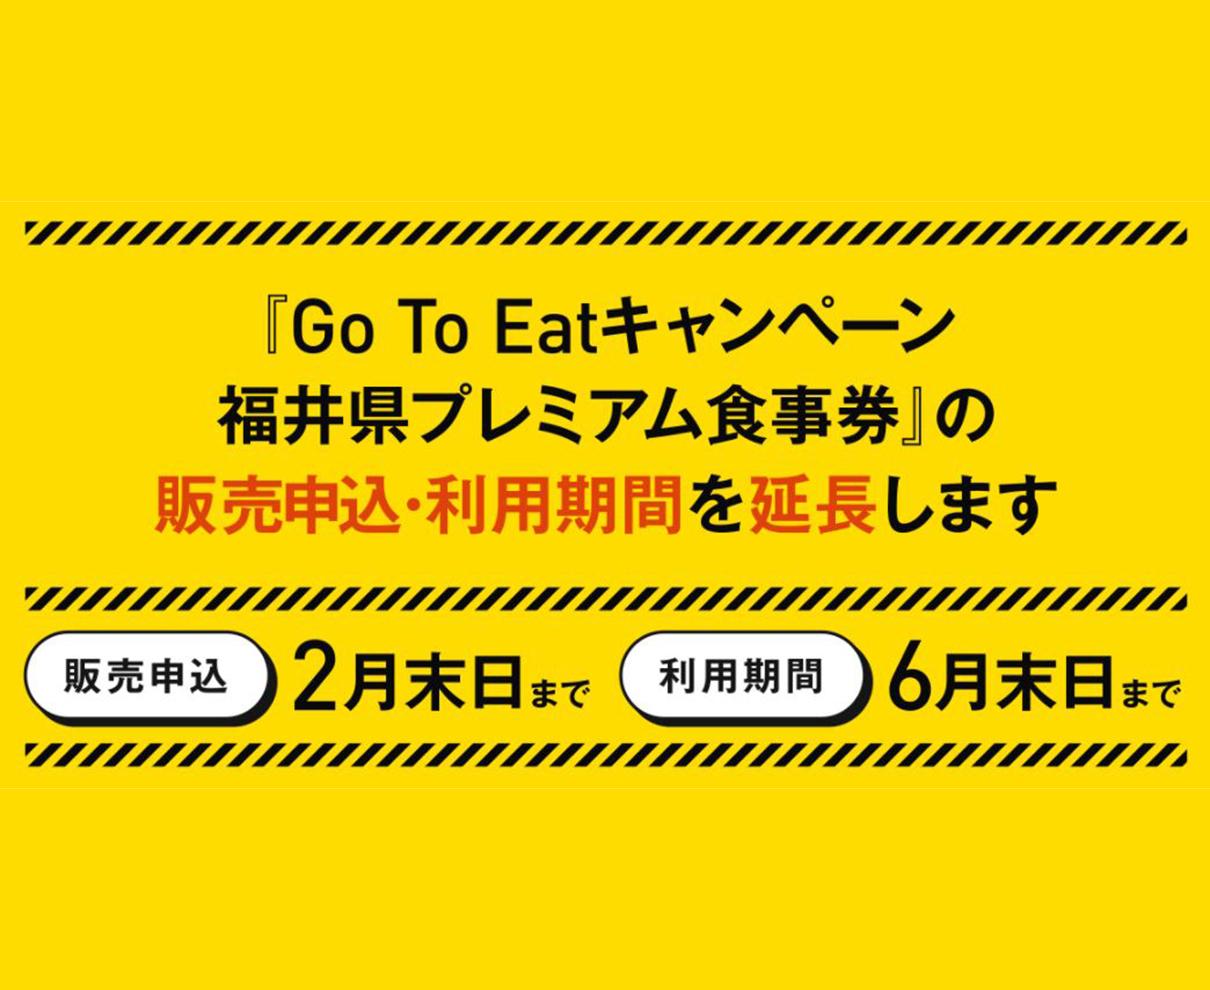 販売申込は2月末まで!まだ申込していない方は要チェック!『福井県GoToEatキャンペーン』